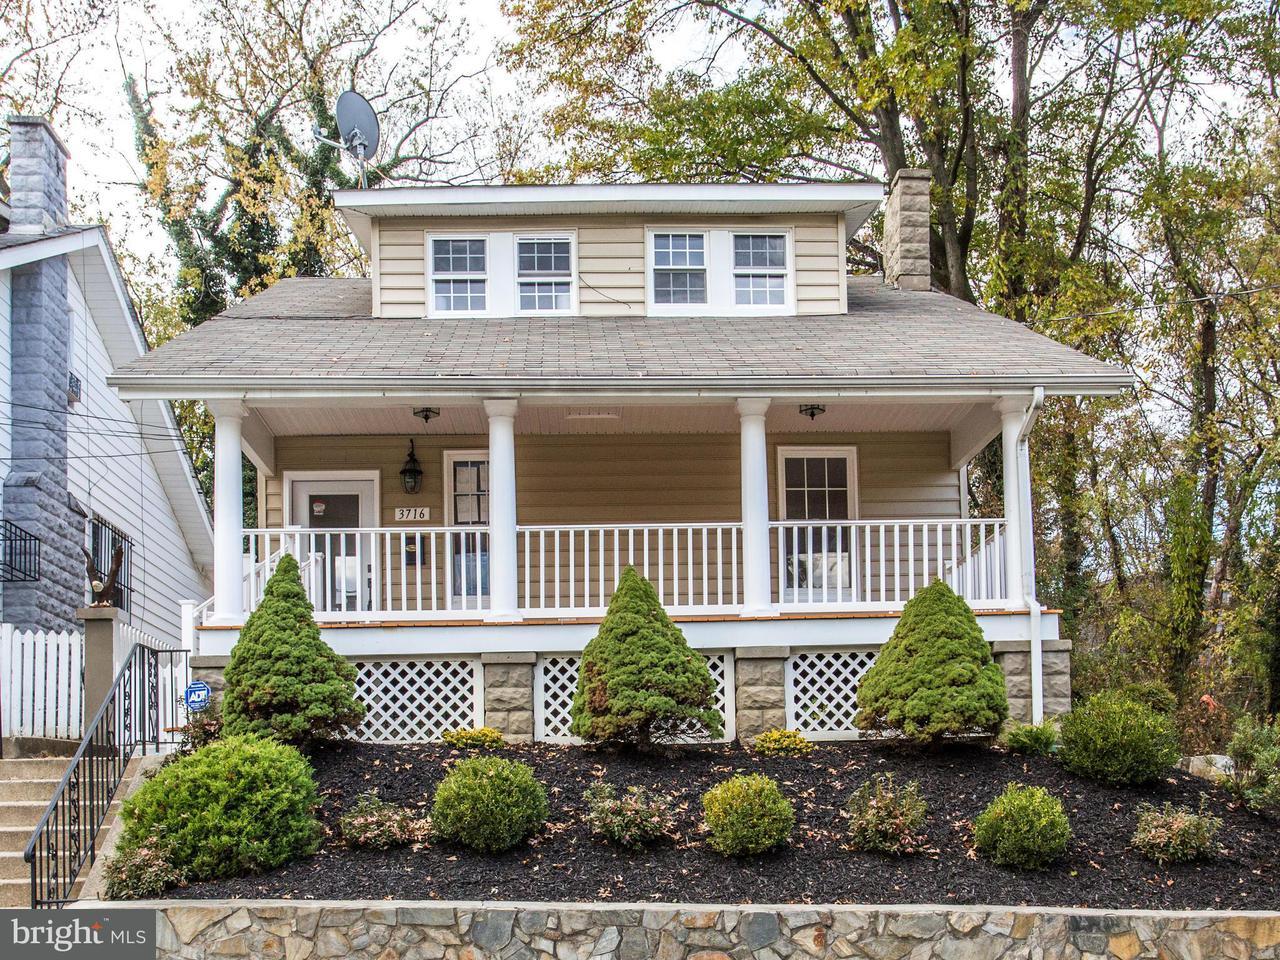 獨棟家庭住宅 為 出售 在 3716 31st Pl Ne 3716 31st Pl Ne Washington, 哥倫比亞特區 20018 美國